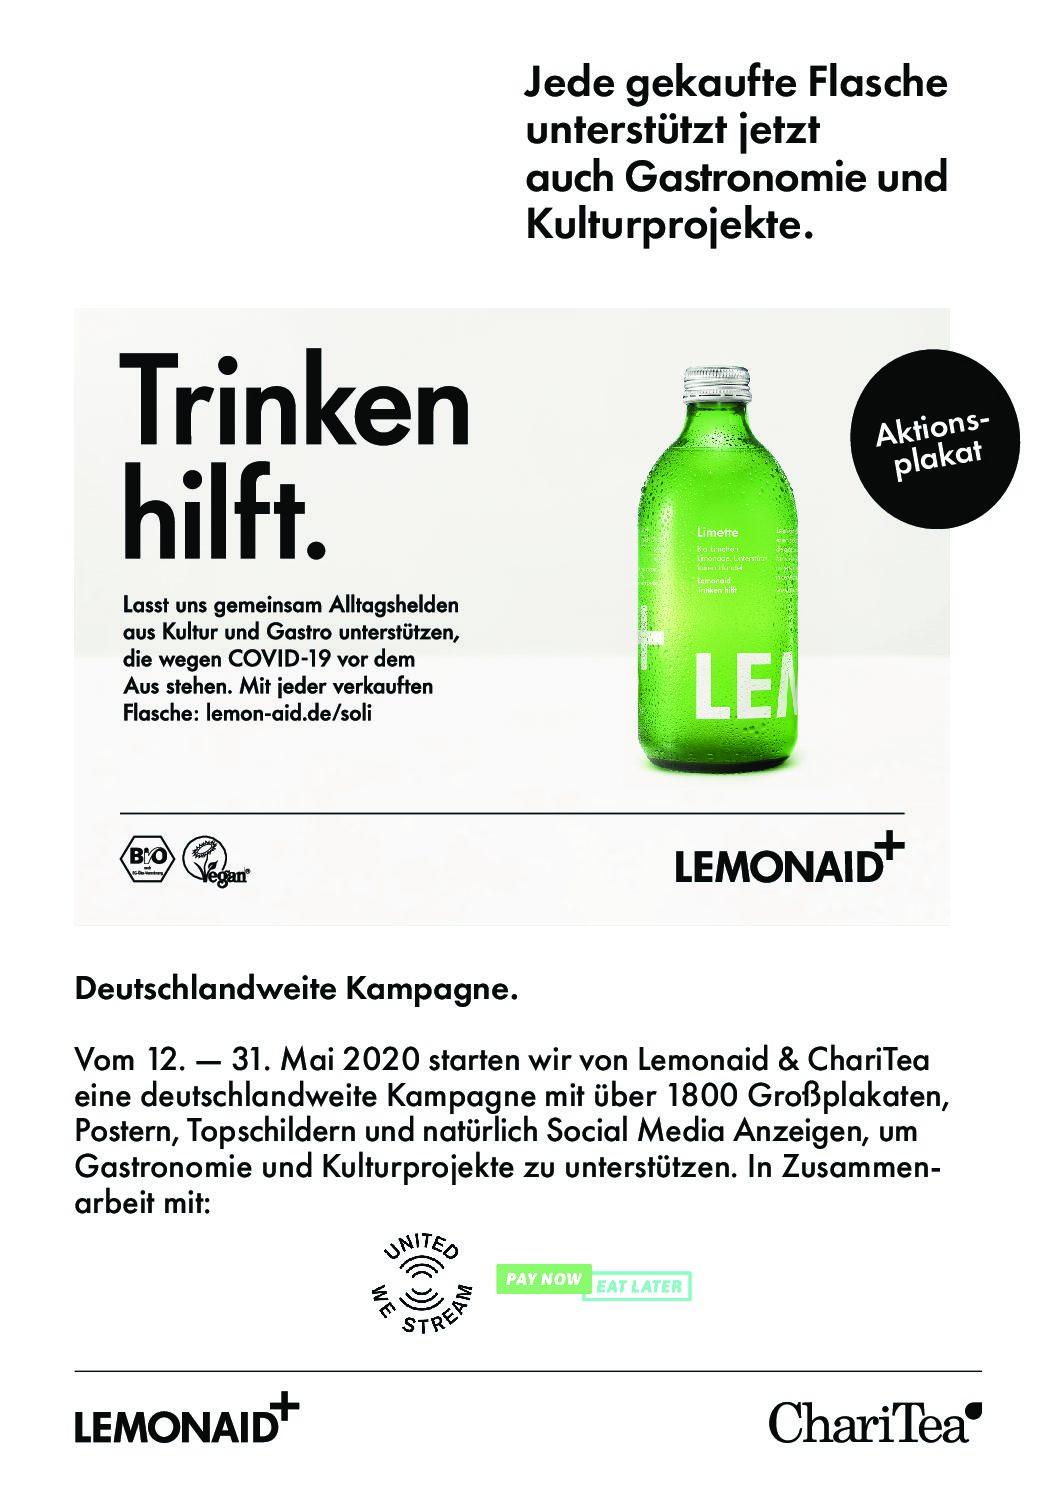 LEMON AID Social Kampagne zur Unterstützung der Gastronomie vom 12.3. bis 31.3.2020